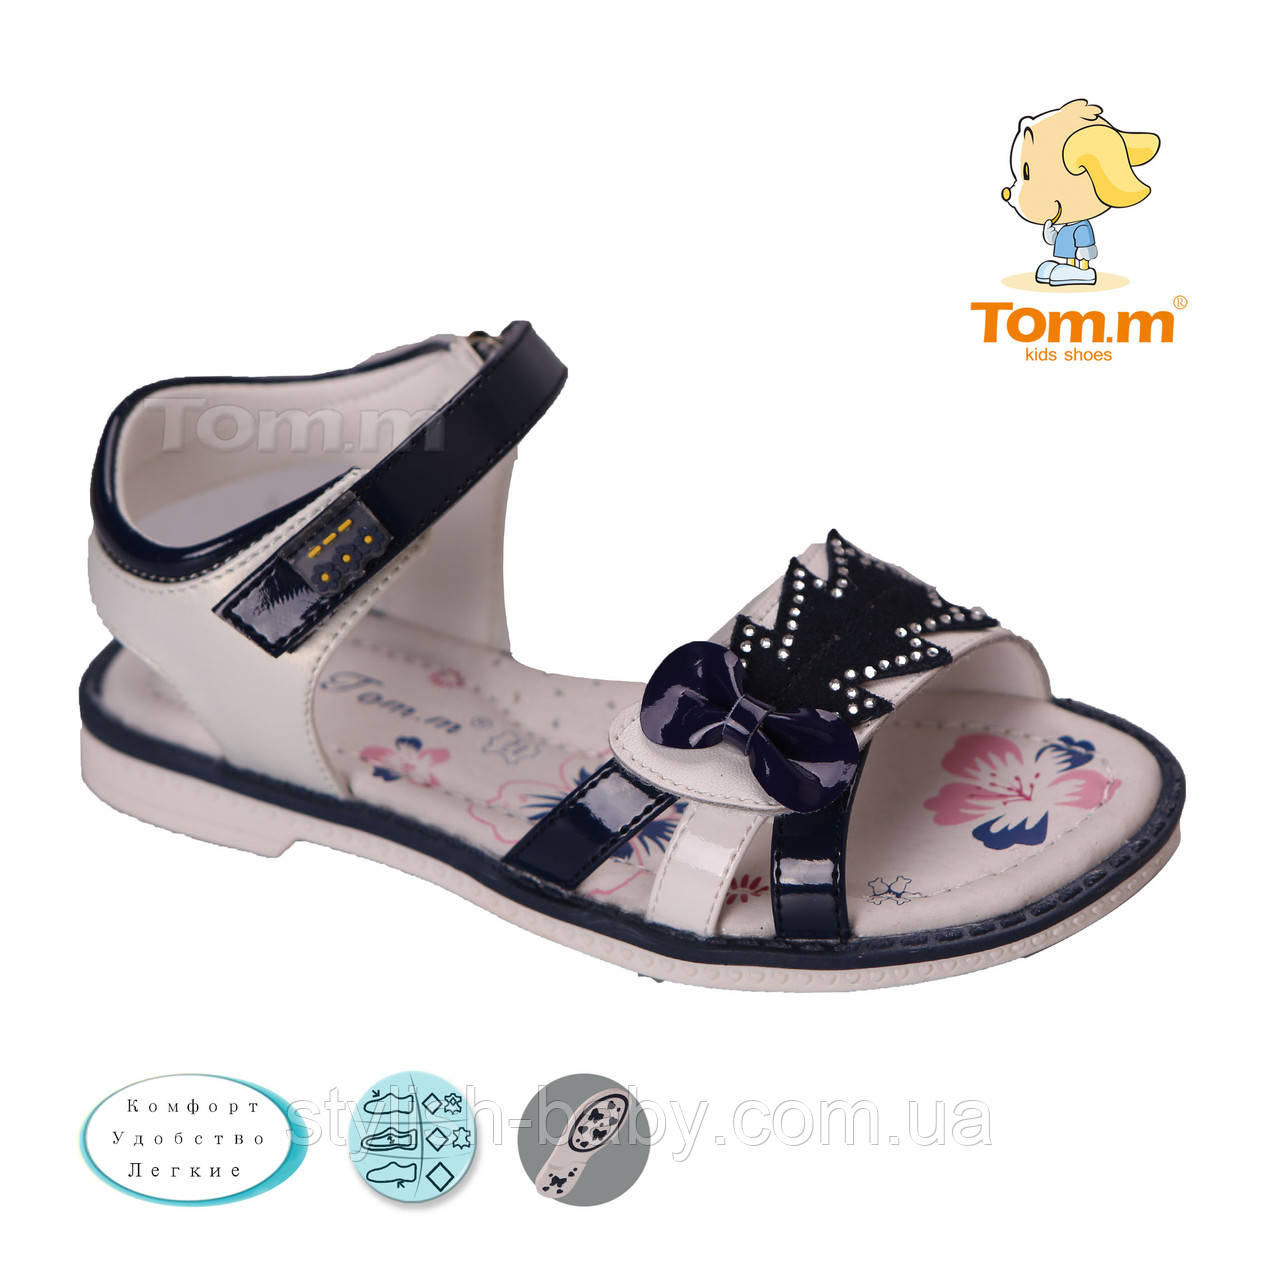 Детские босоножки 2018. Детская летняя обувь бренда Tom.m для девочек (рр. с 25 по 30)